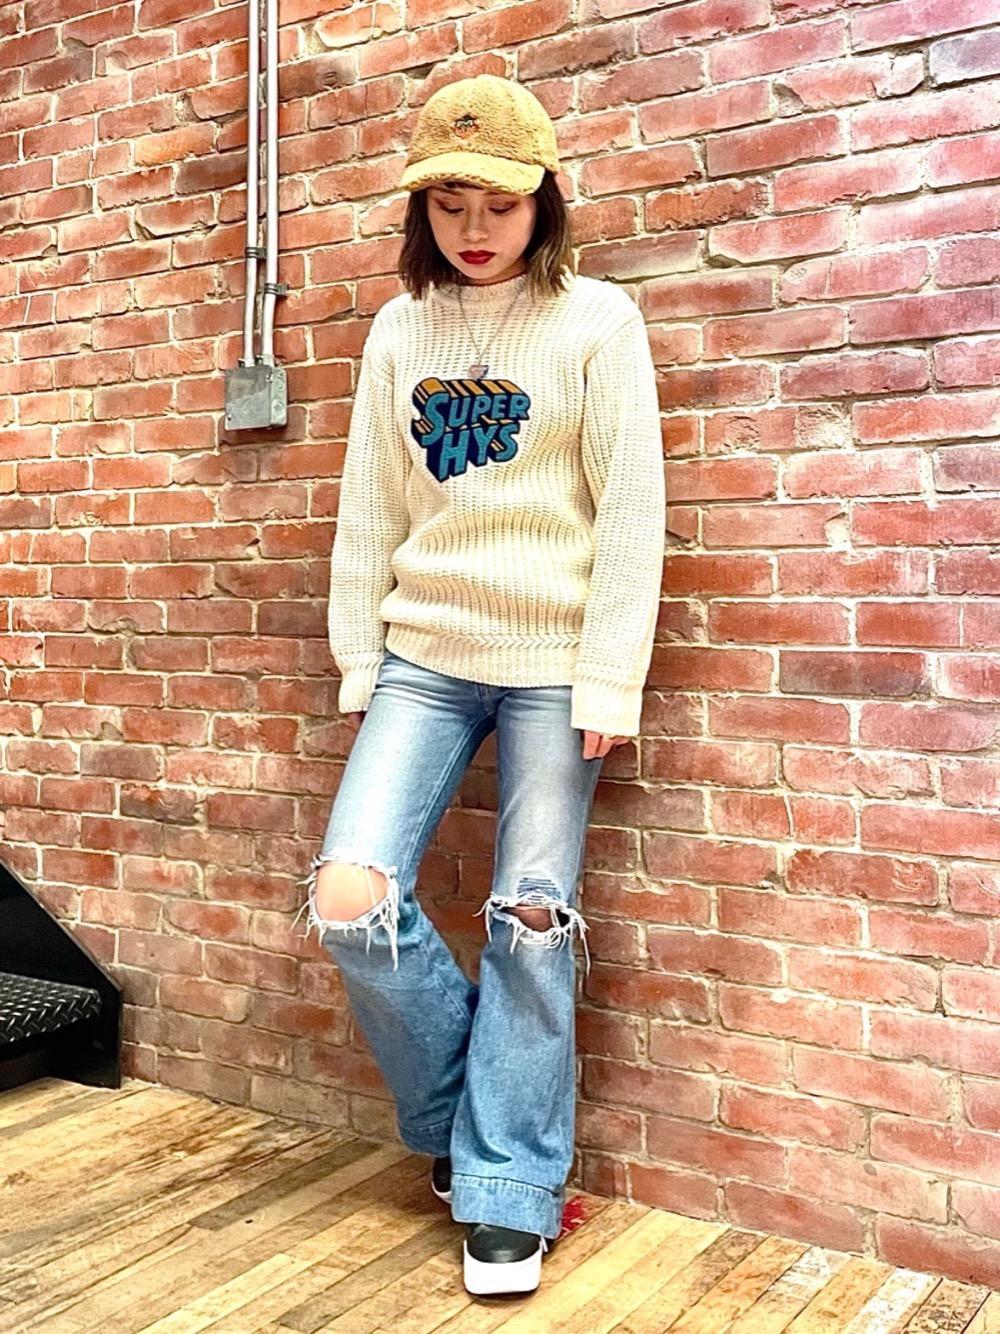 BRITISH WOOLを使用したワッペンプルオーバーを着用してみました🐑 羊毛と綿糸を一緒に編むことにより、ニット特有のチクチク感を軽減させています! POP BERRYのボアキャップは暖かく小顔効果ありです👍🏻